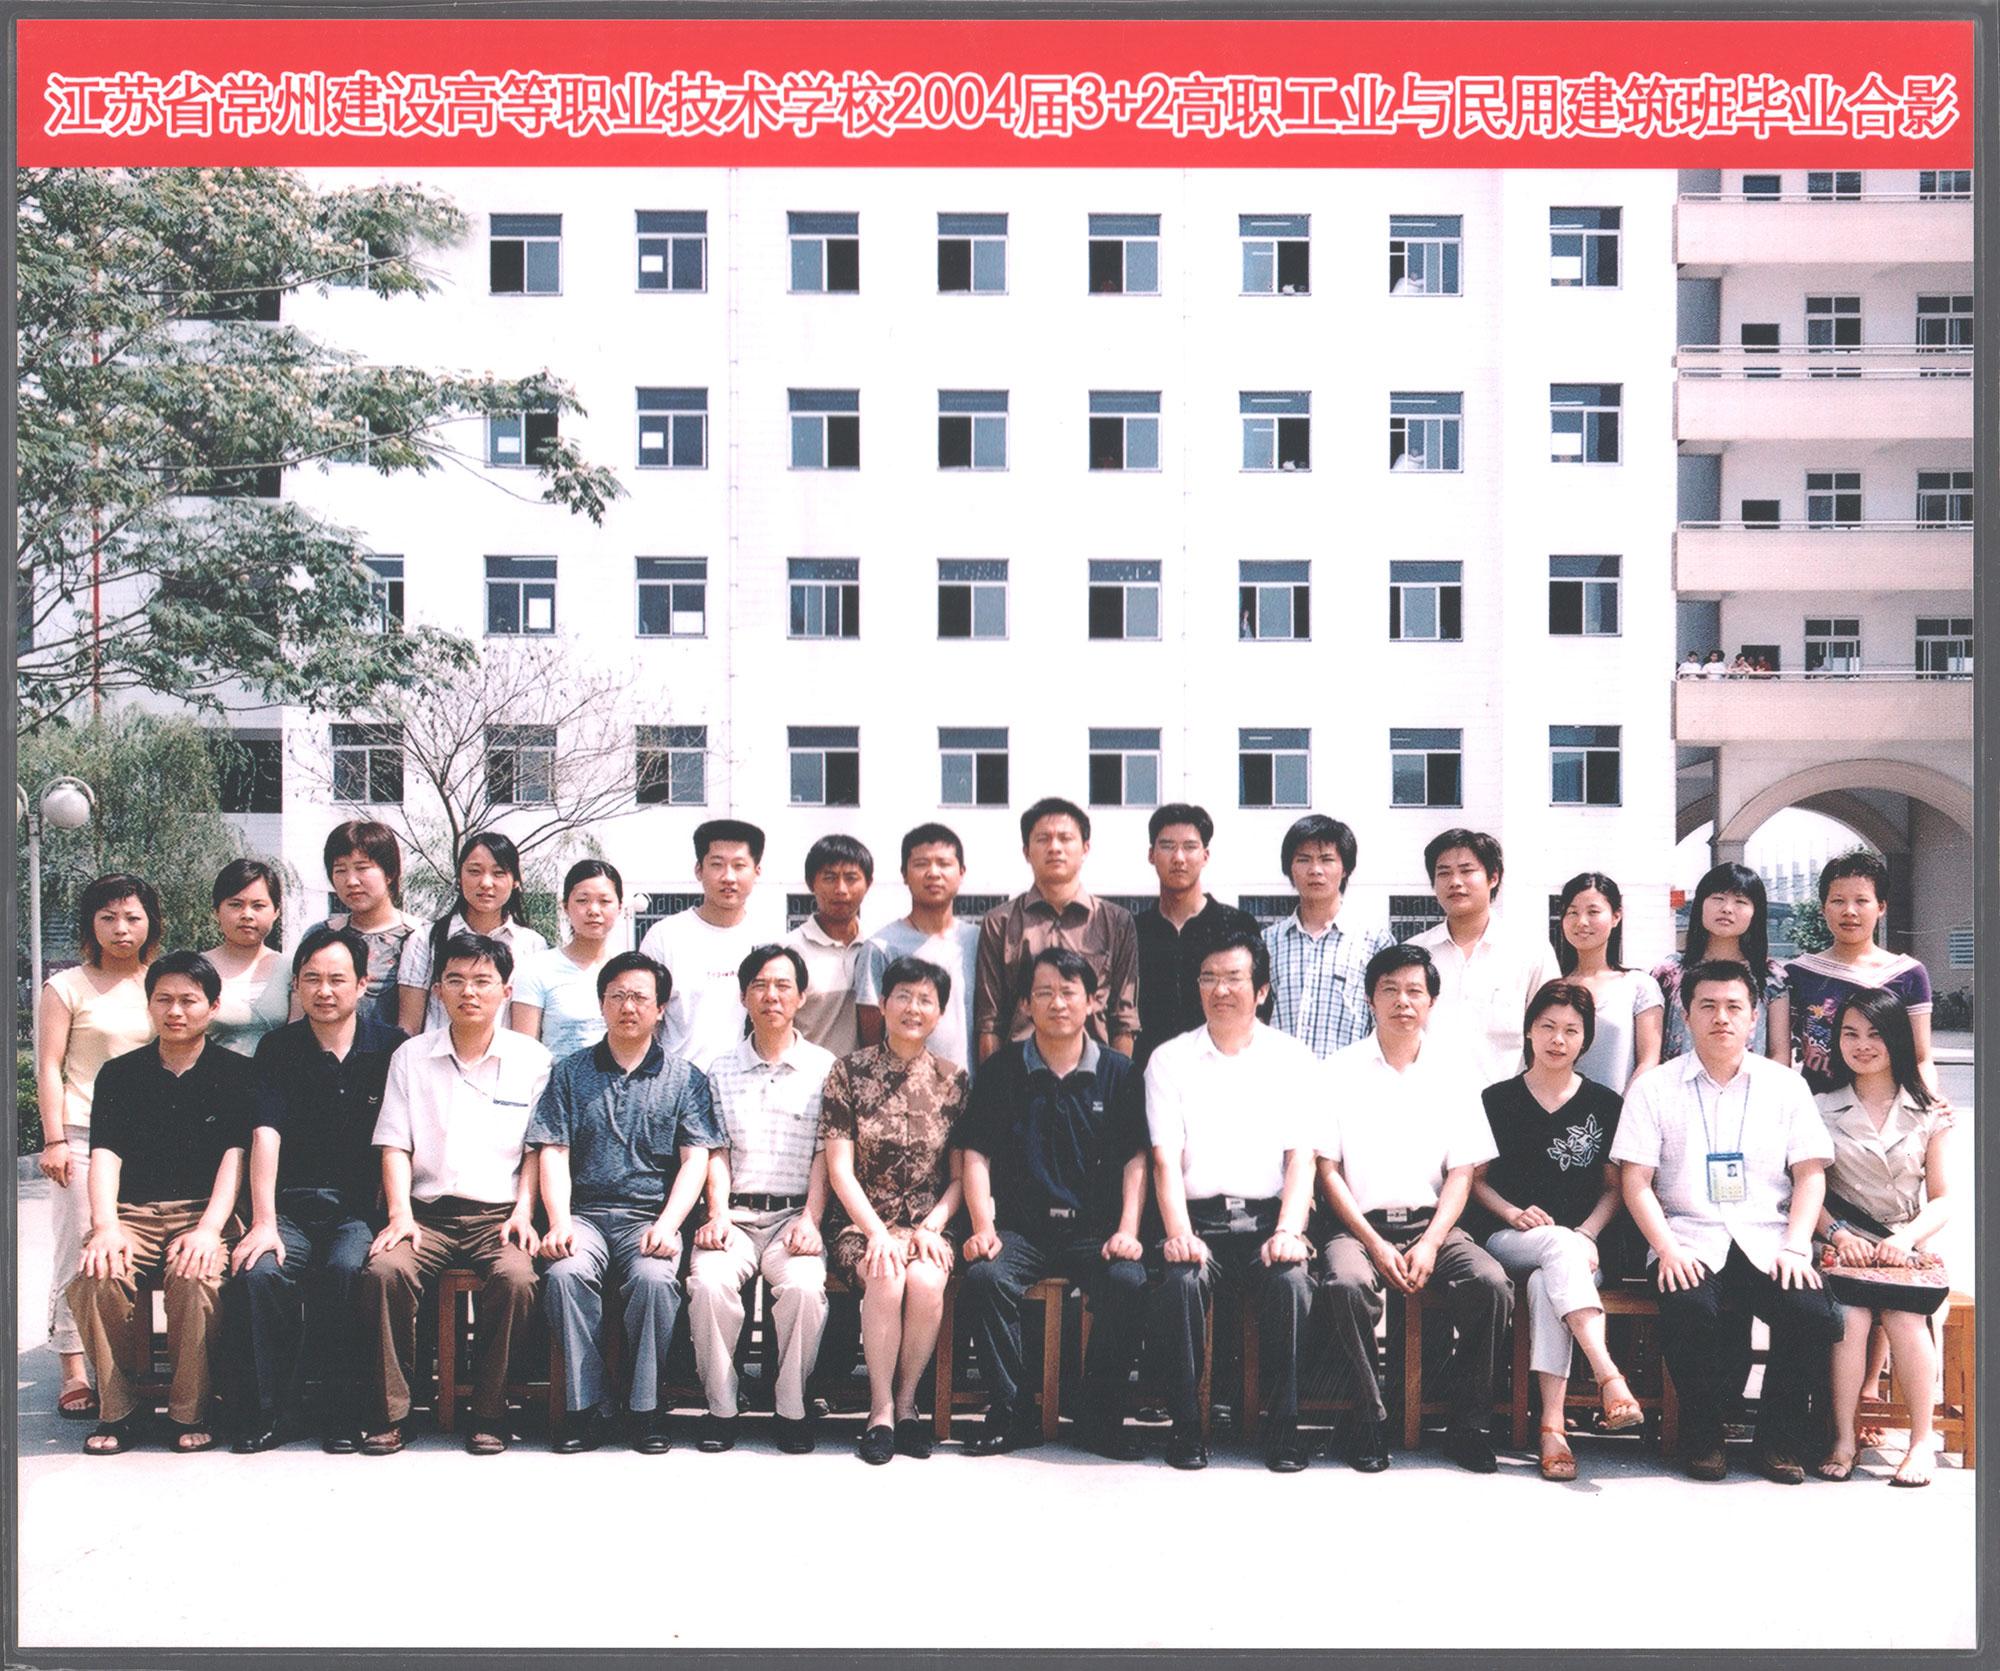 2004届3+2高职工业与民用建筑班毕...